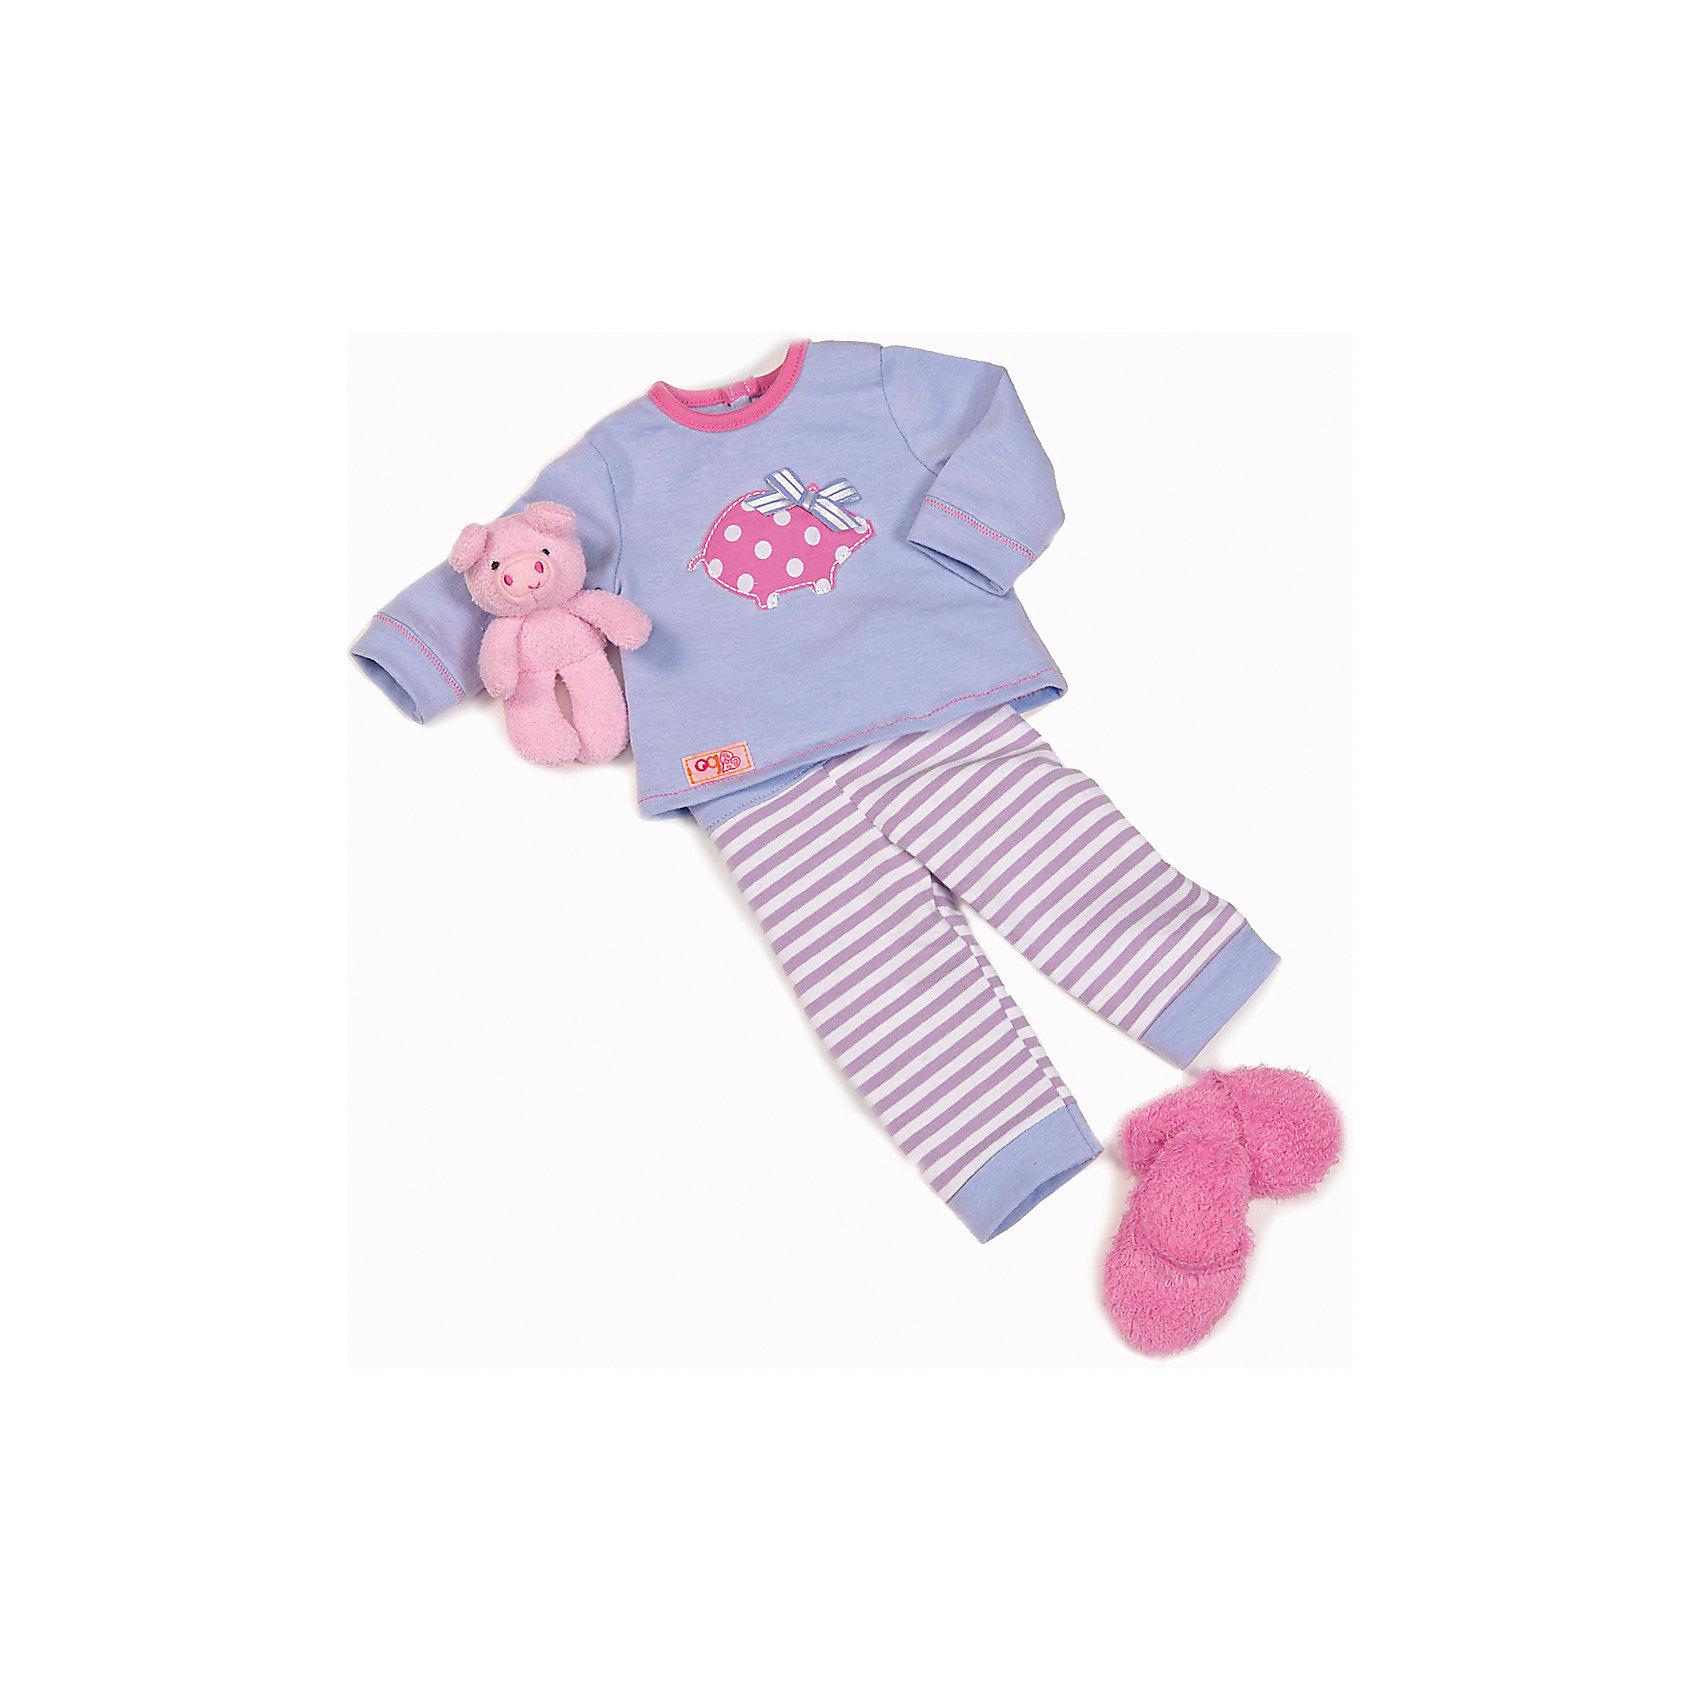 Our Generation Dolls Одежда для куклы, 46 см, Our Generation Dolls куклы